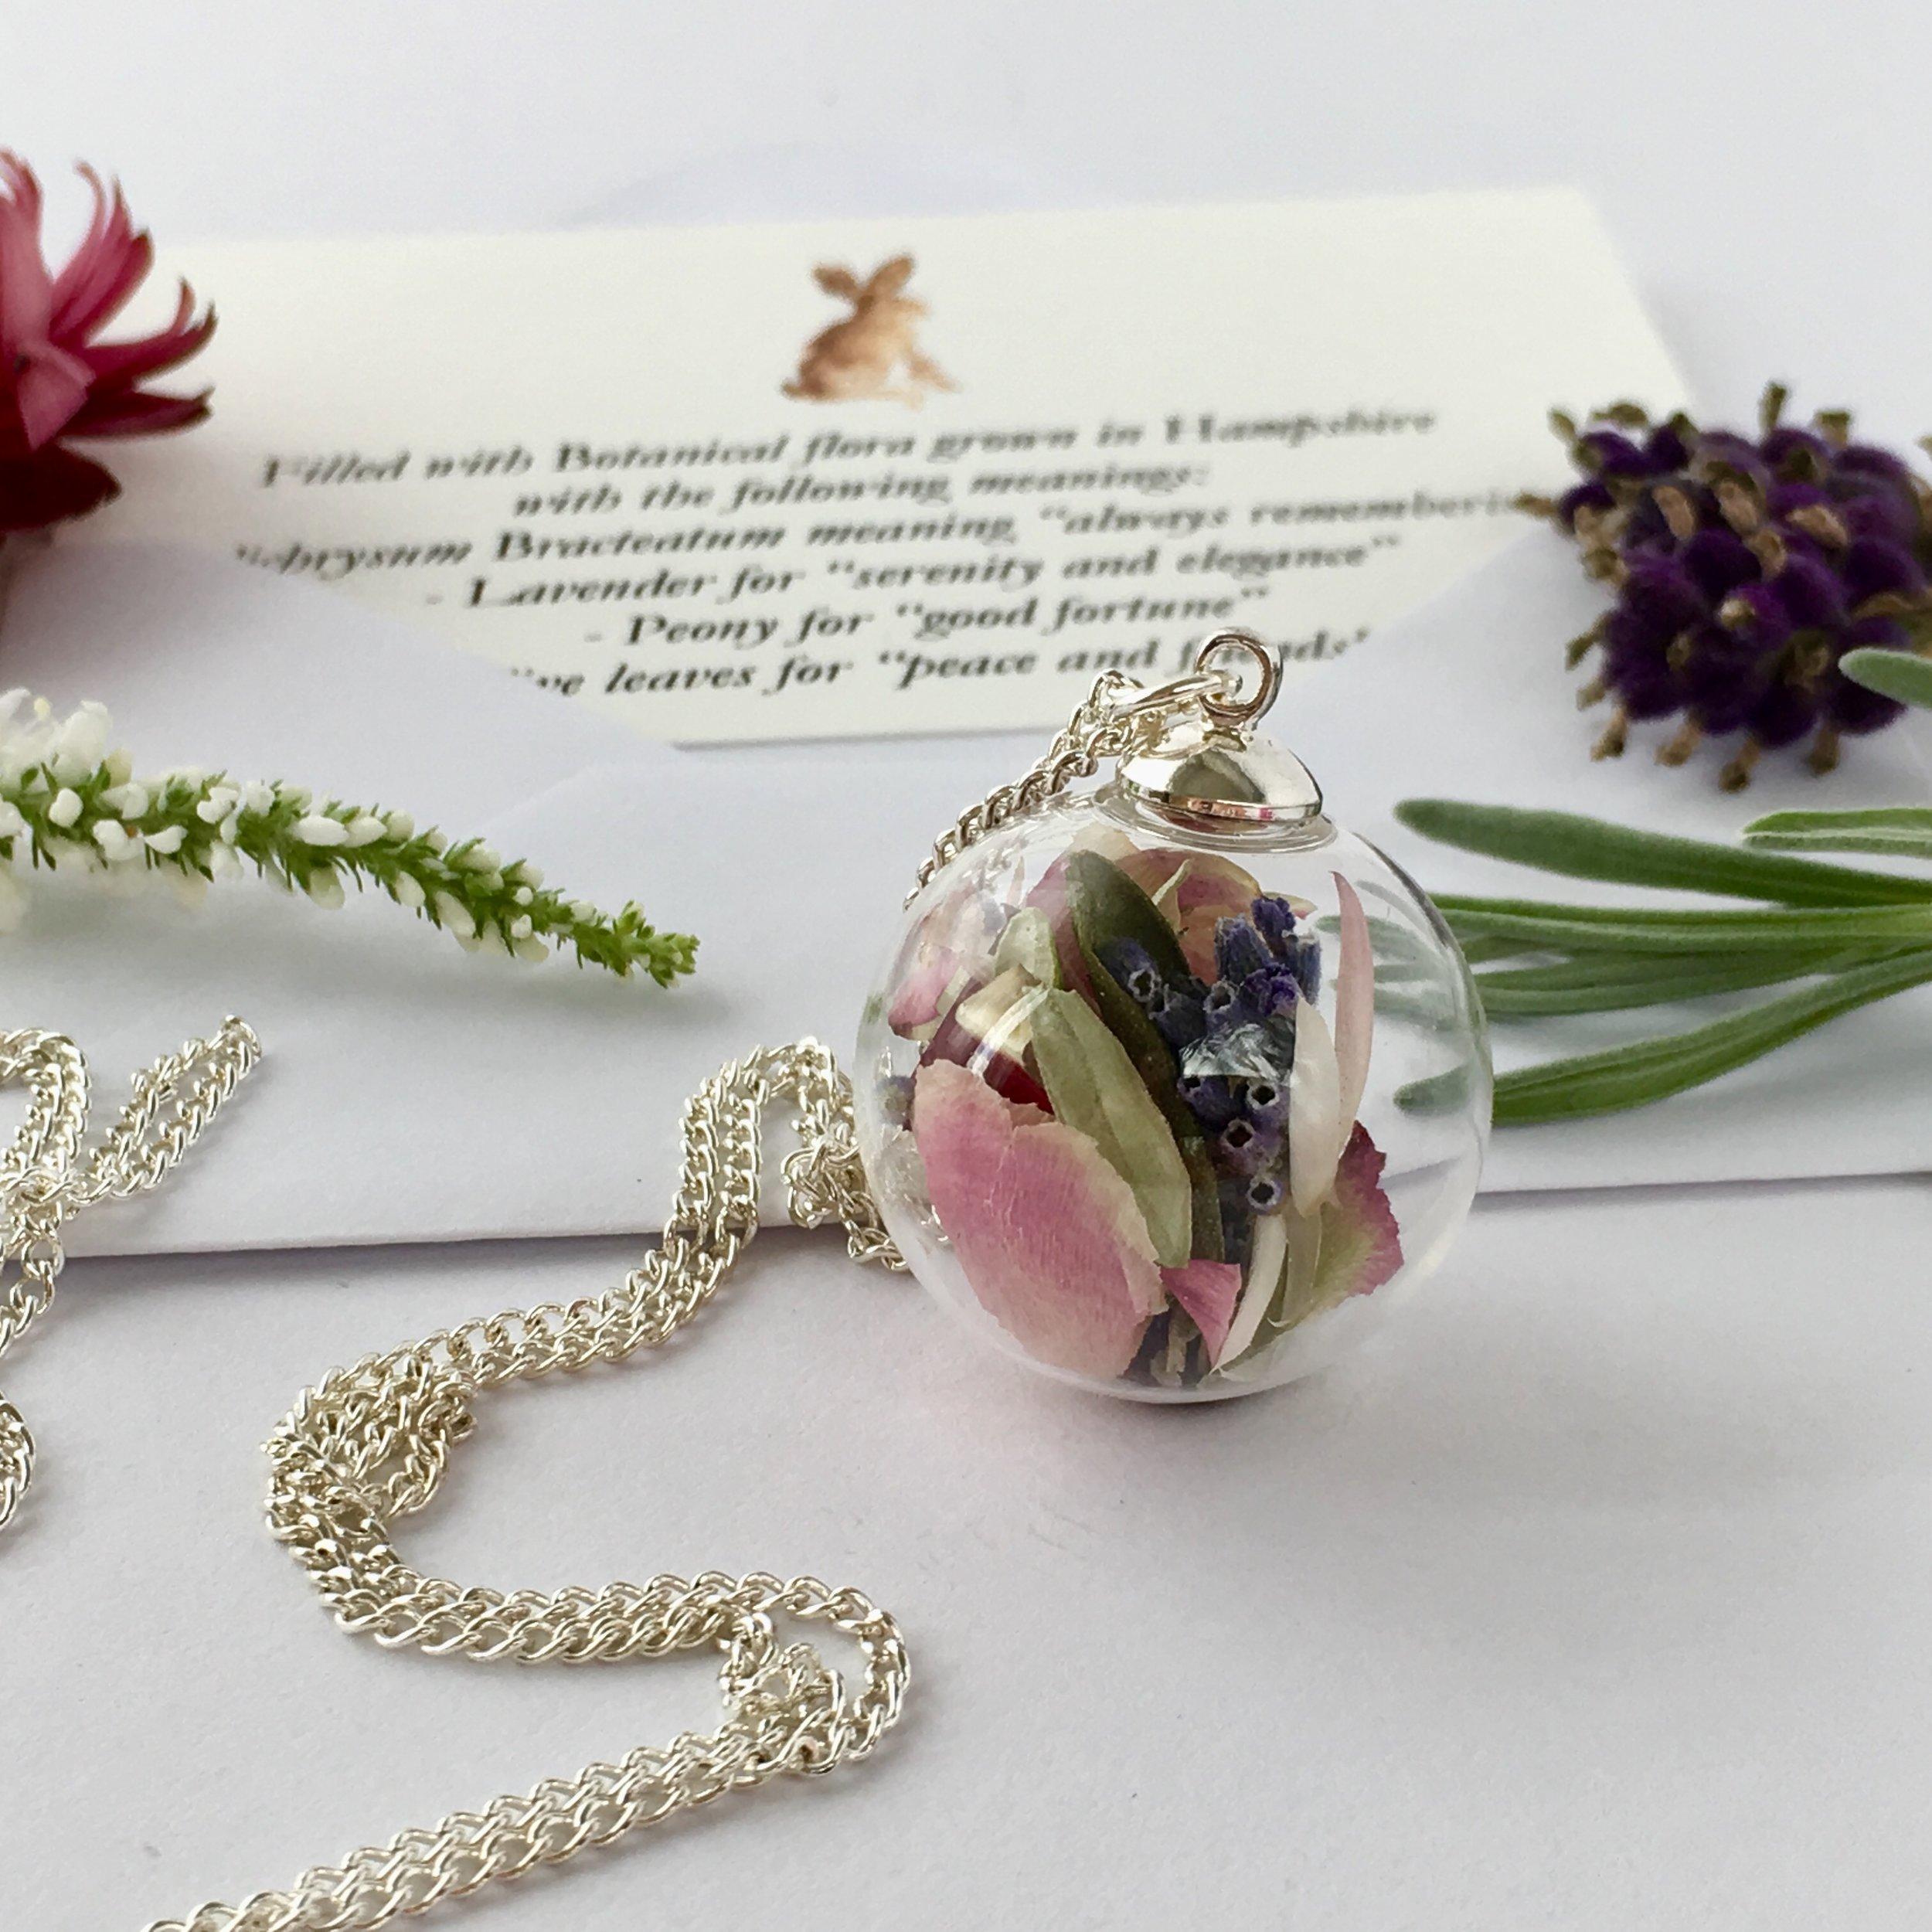 Hampshire Petals